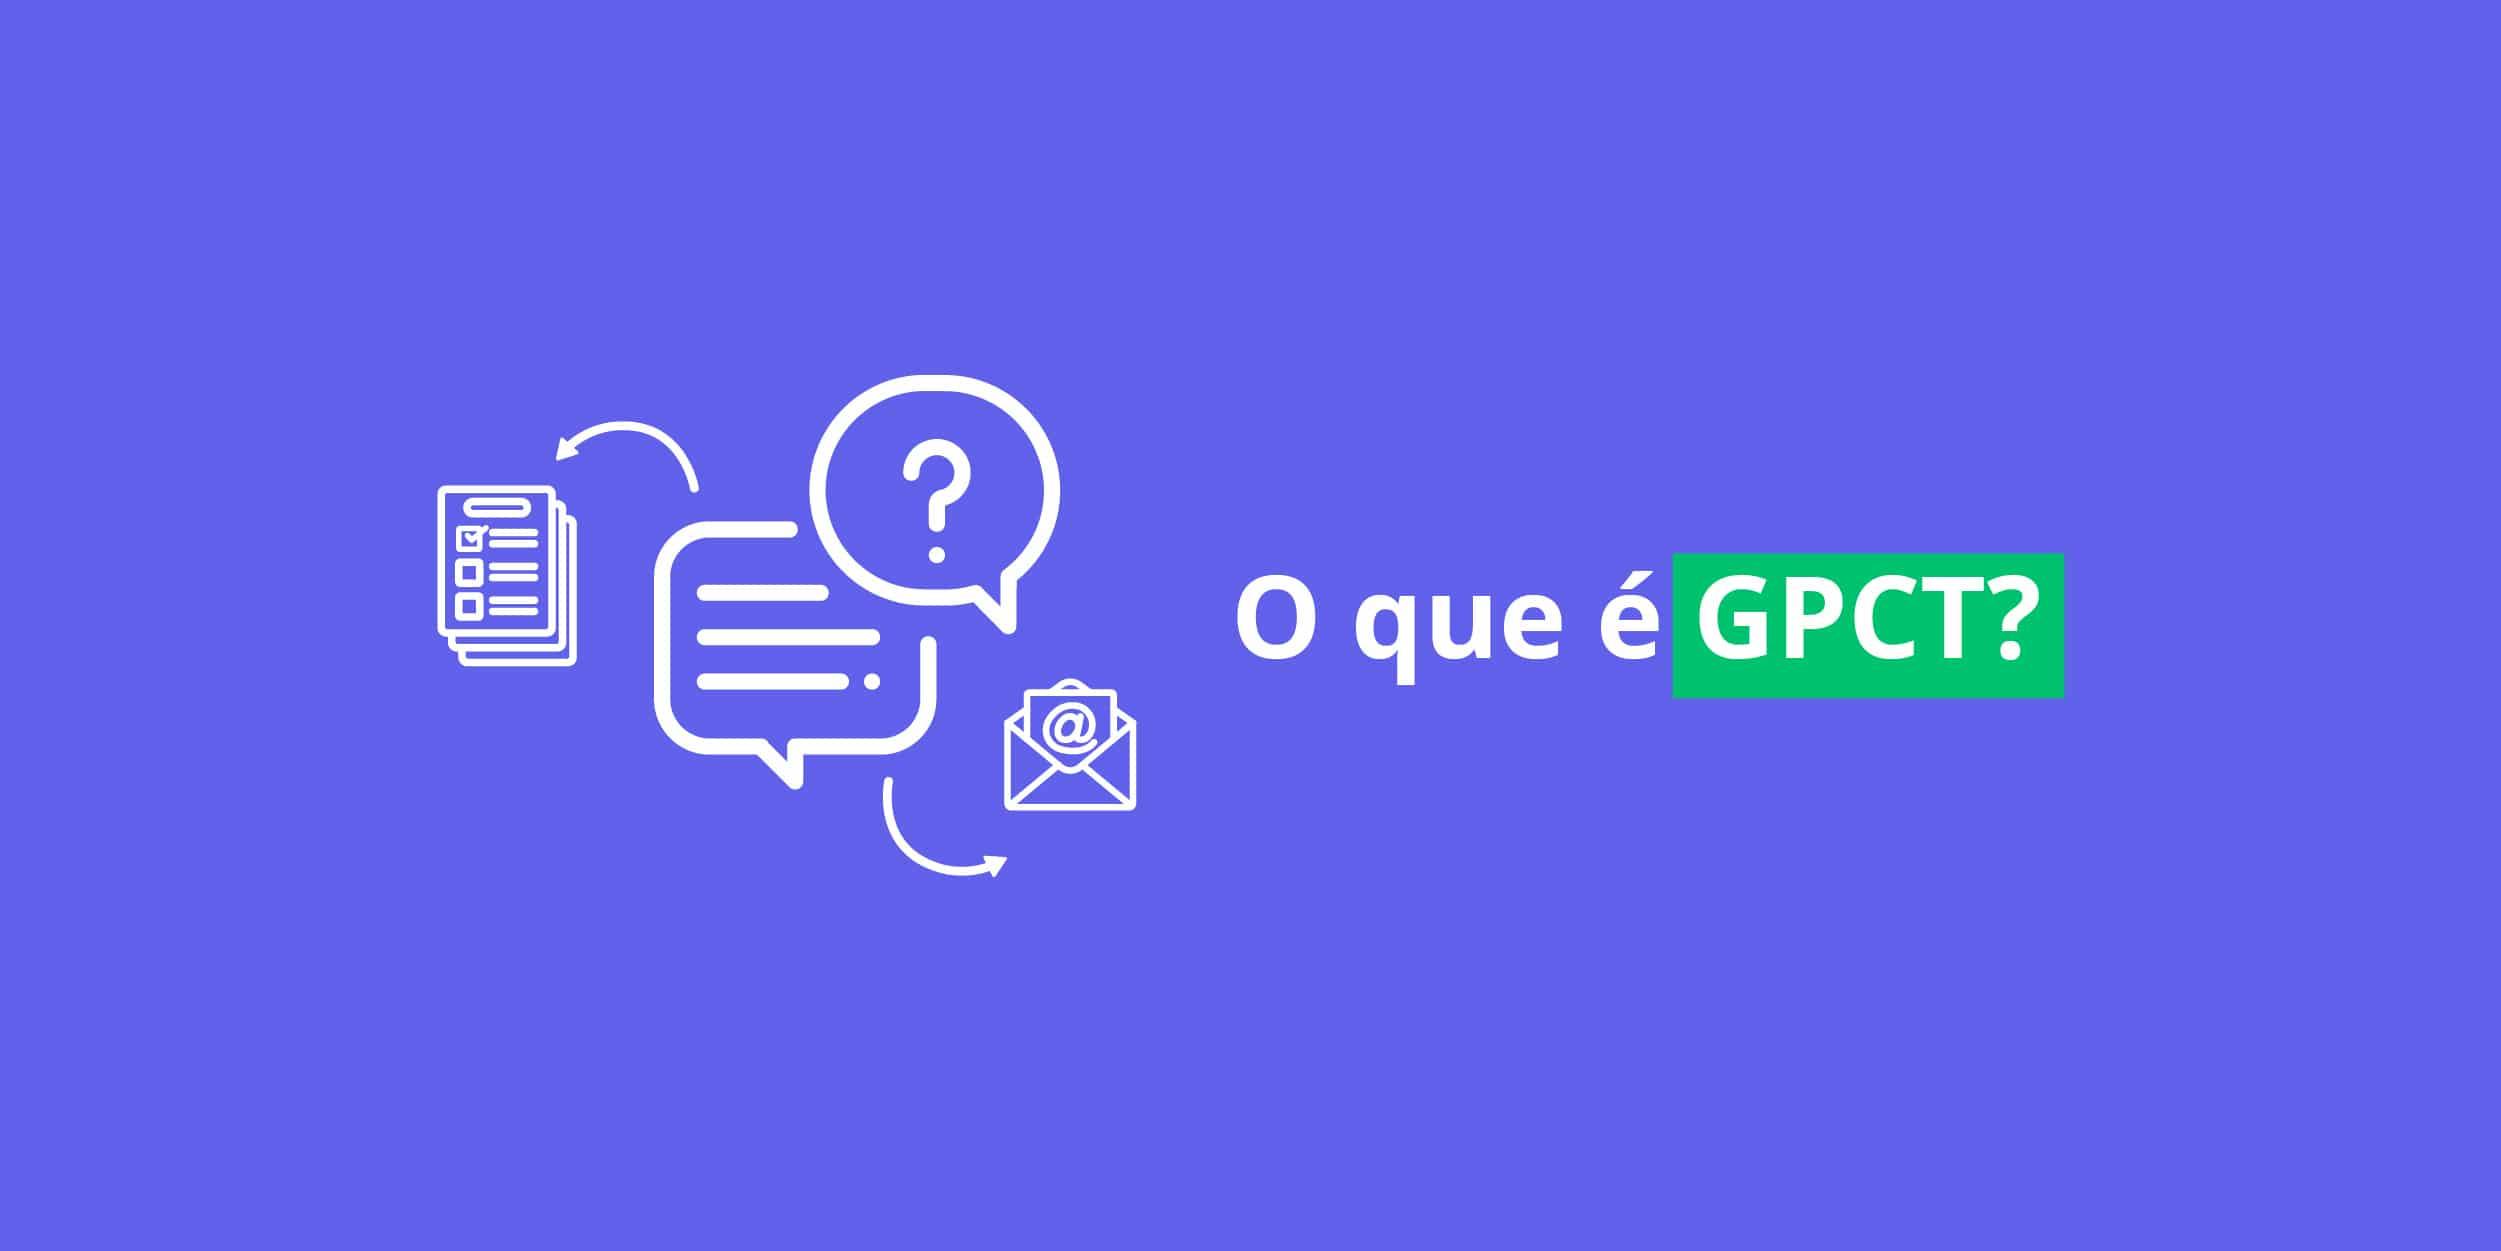 o que é GPCT